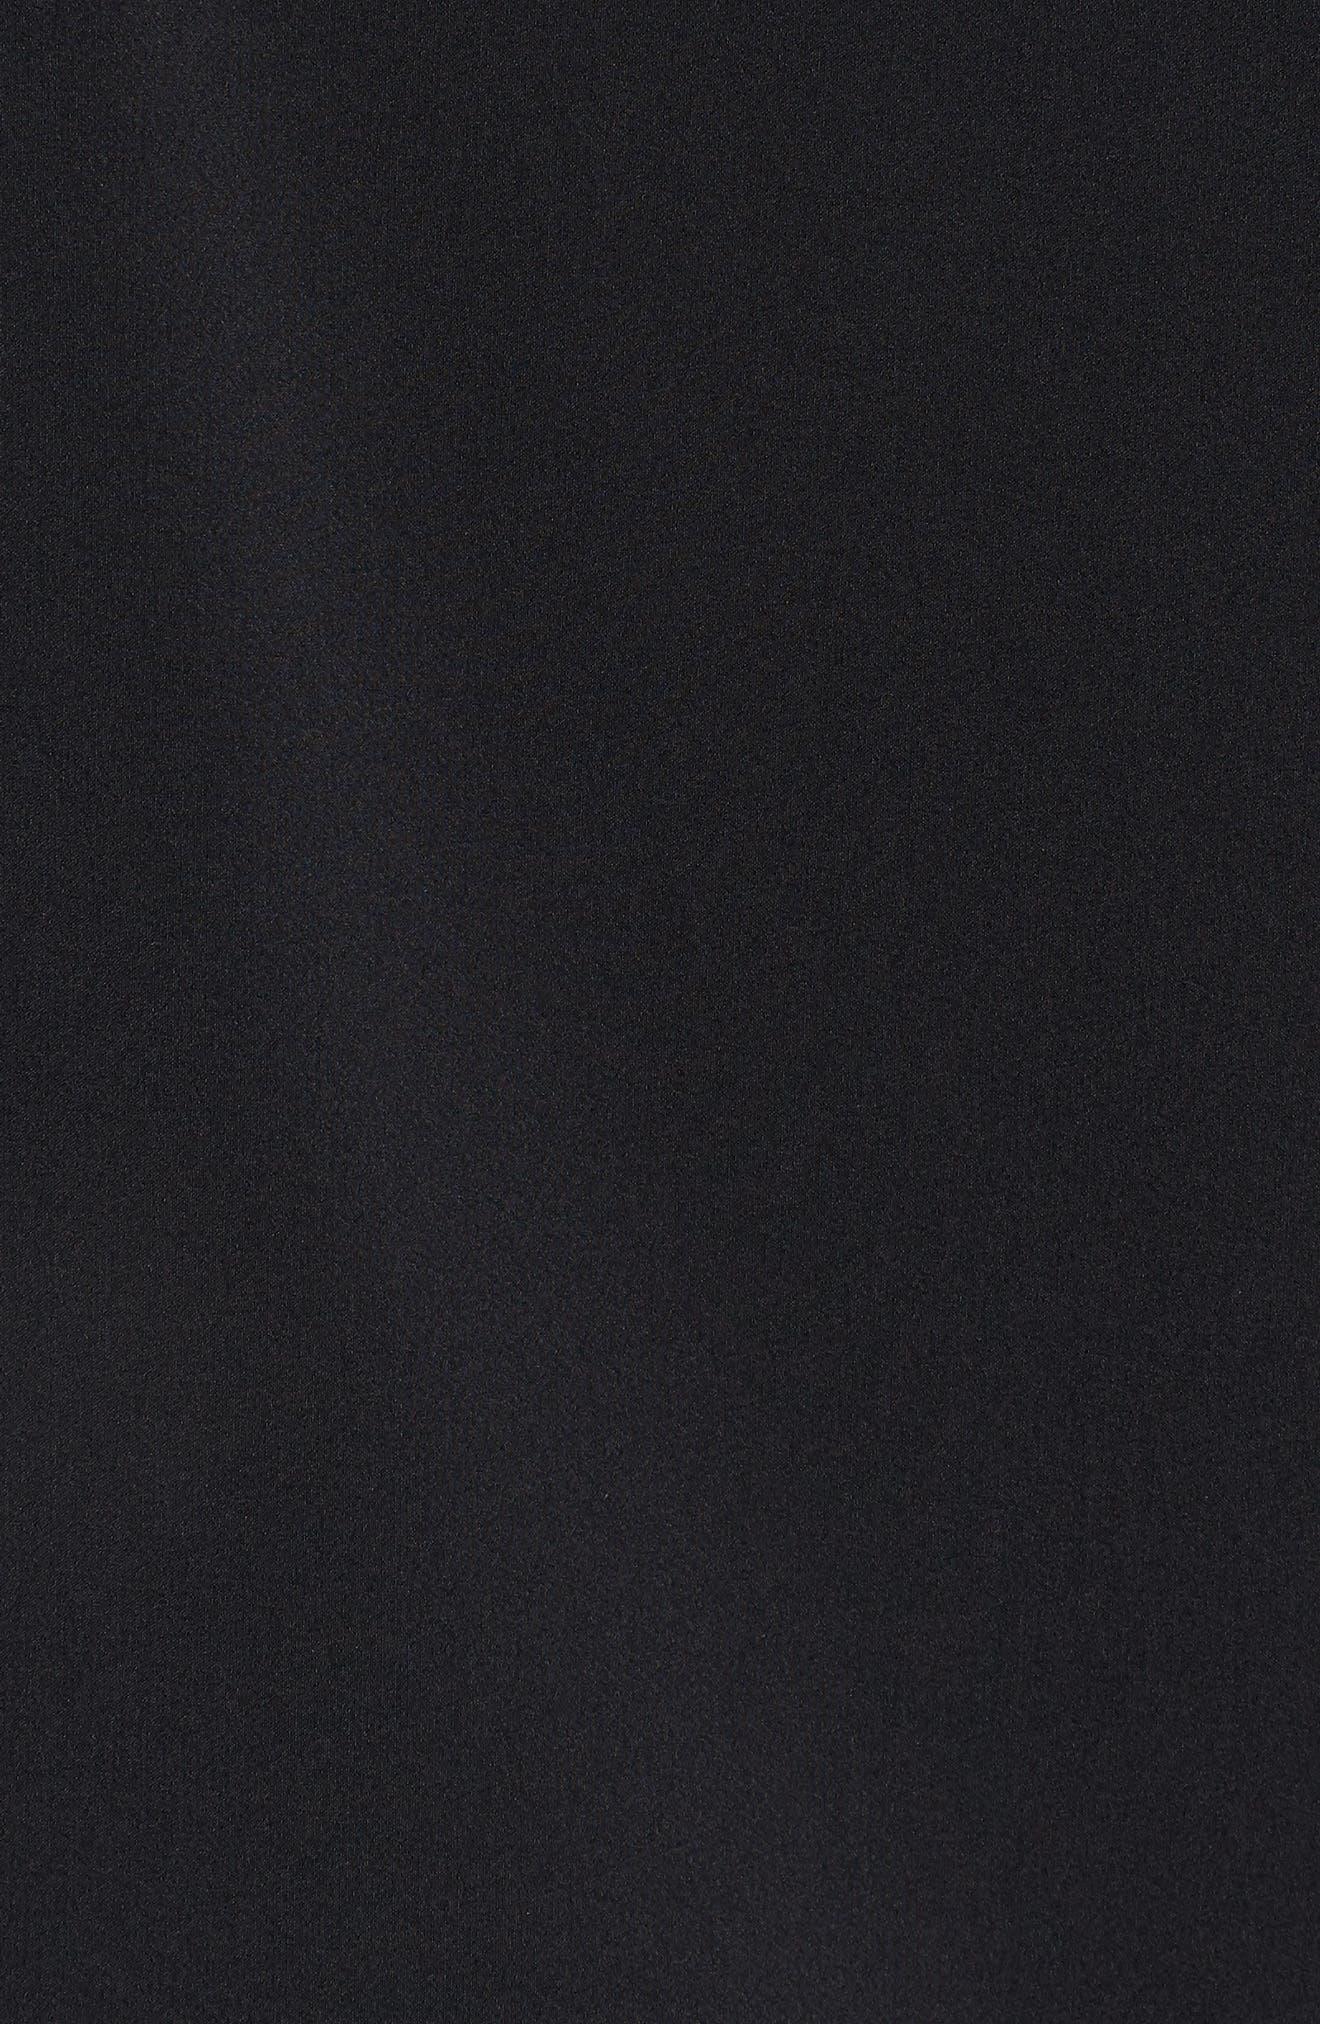 Tekno Zip Jacket,                             Alternate thumbnail 7, color,                             TNF BLACK